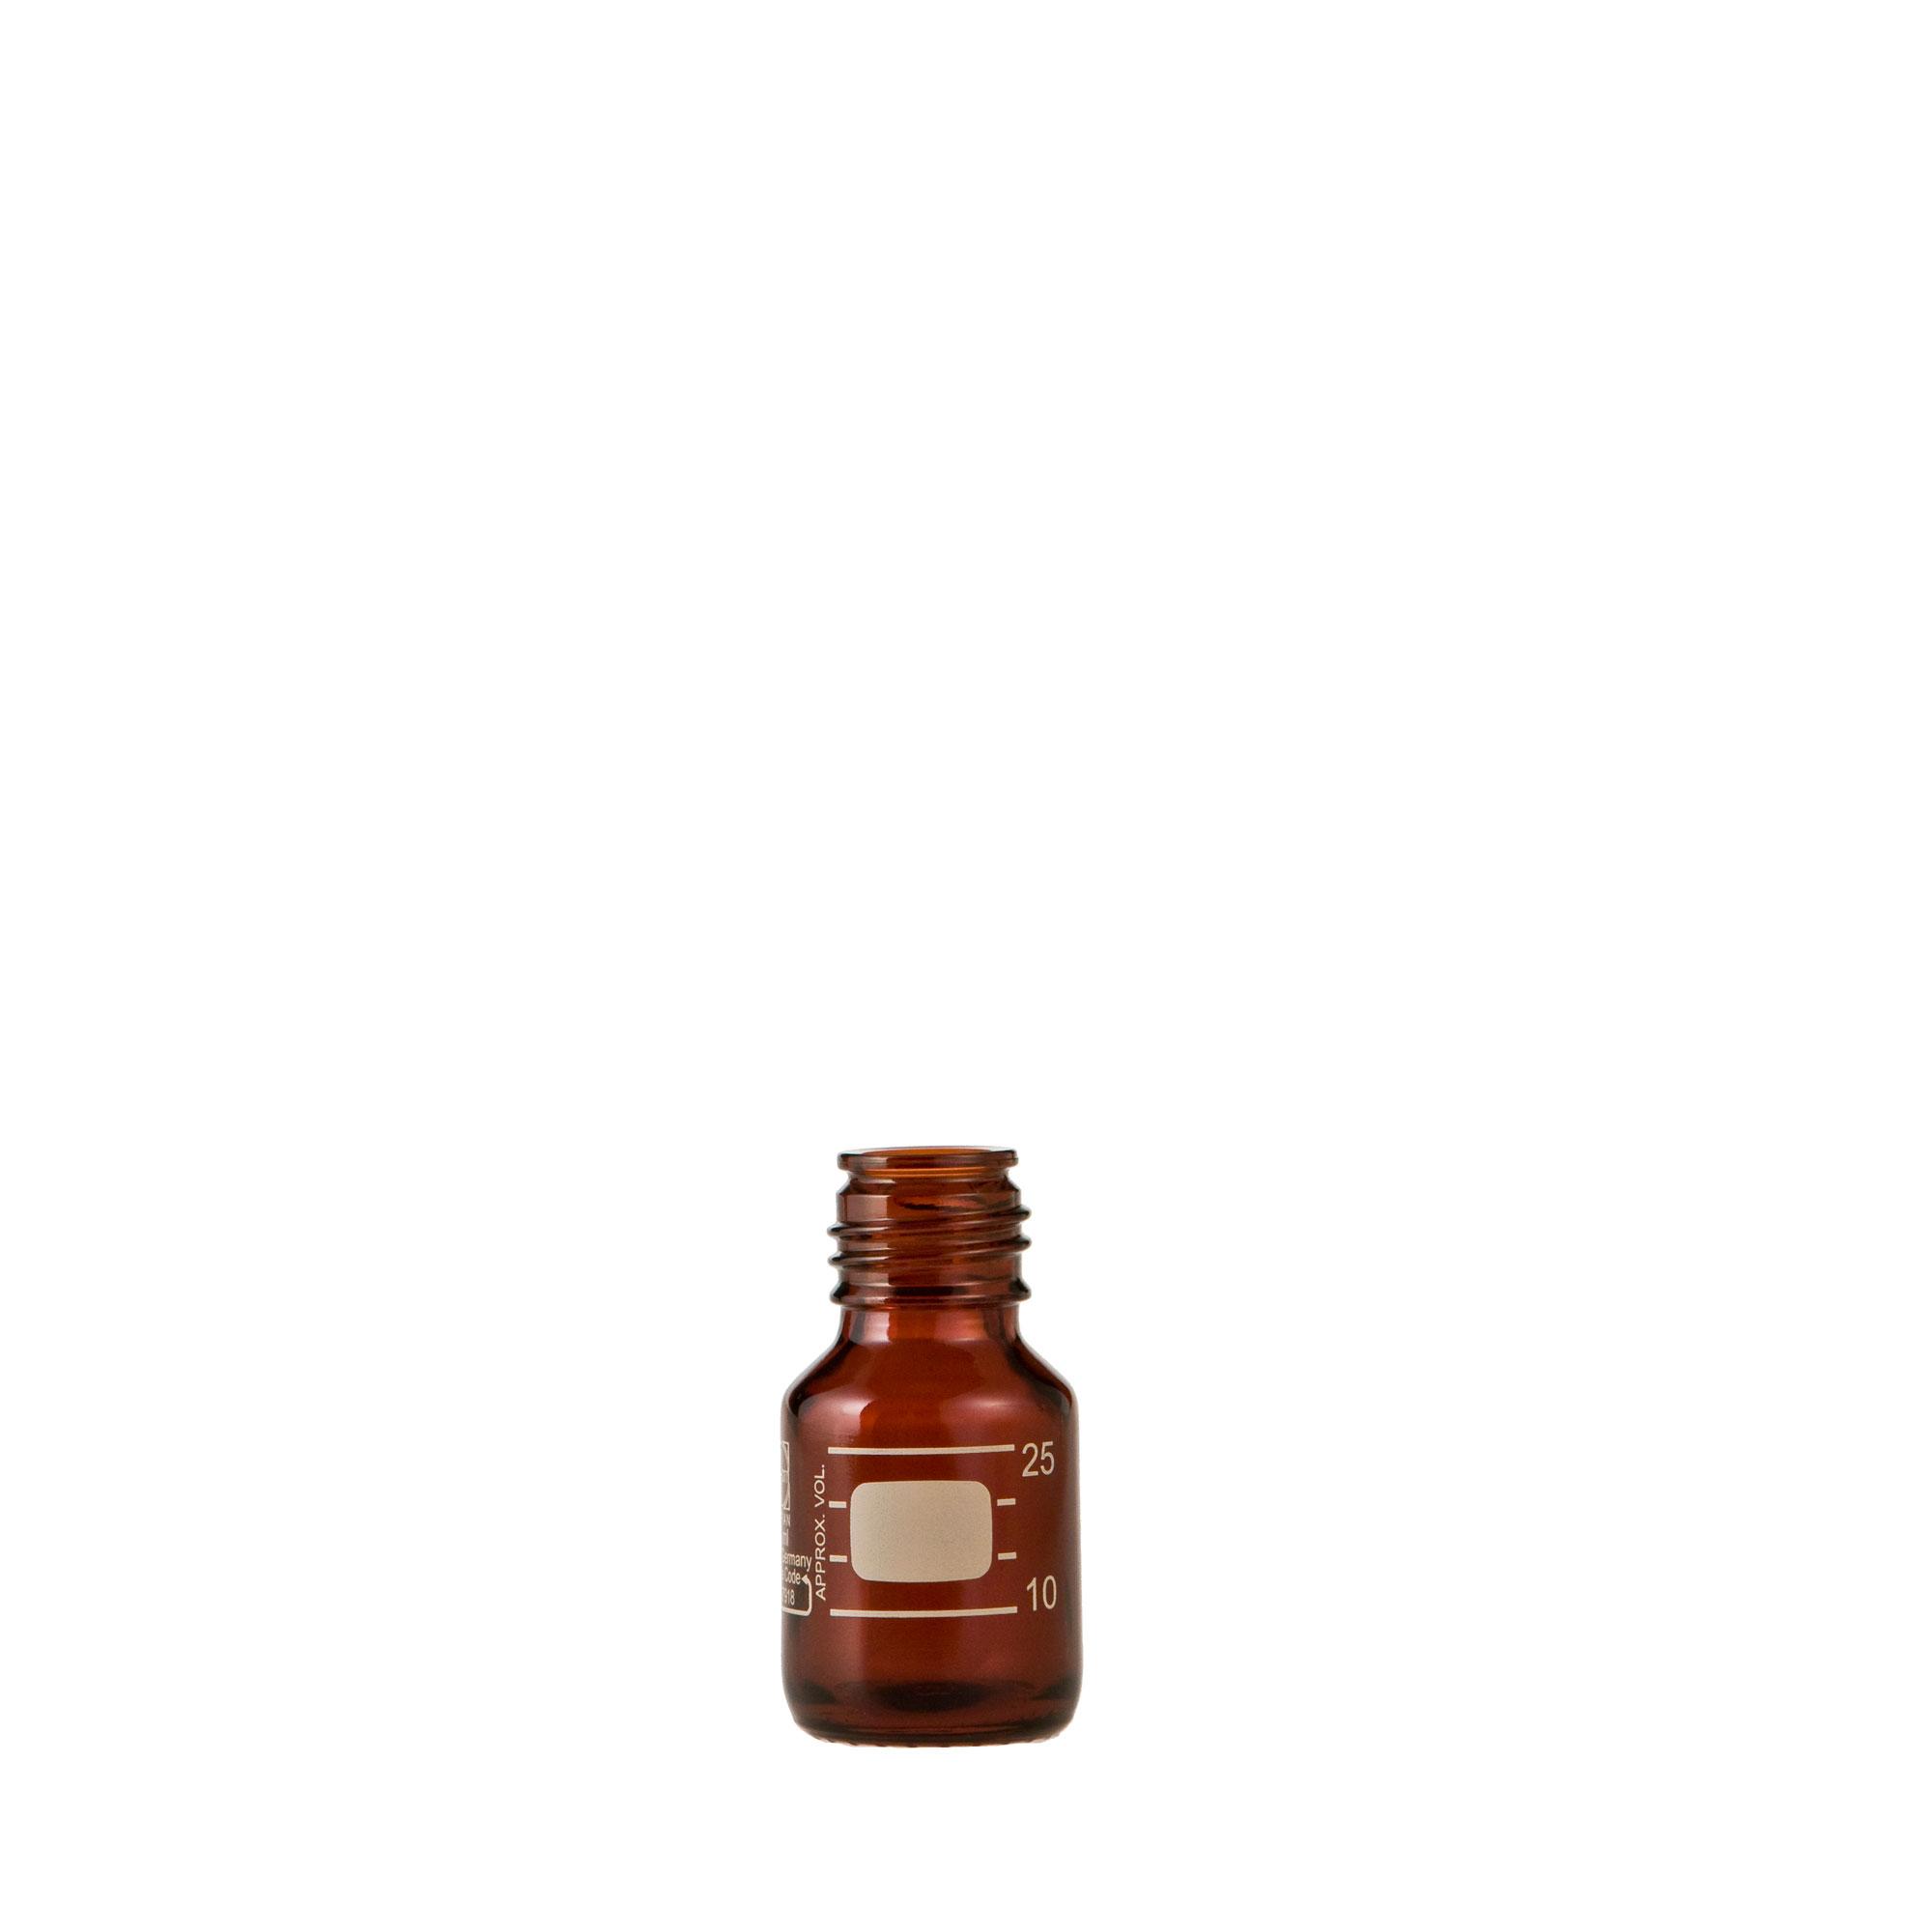 DURAN ねじ口びん(メジュームびん) 茶褐色 びんのみ 25mL GL-25(10個)